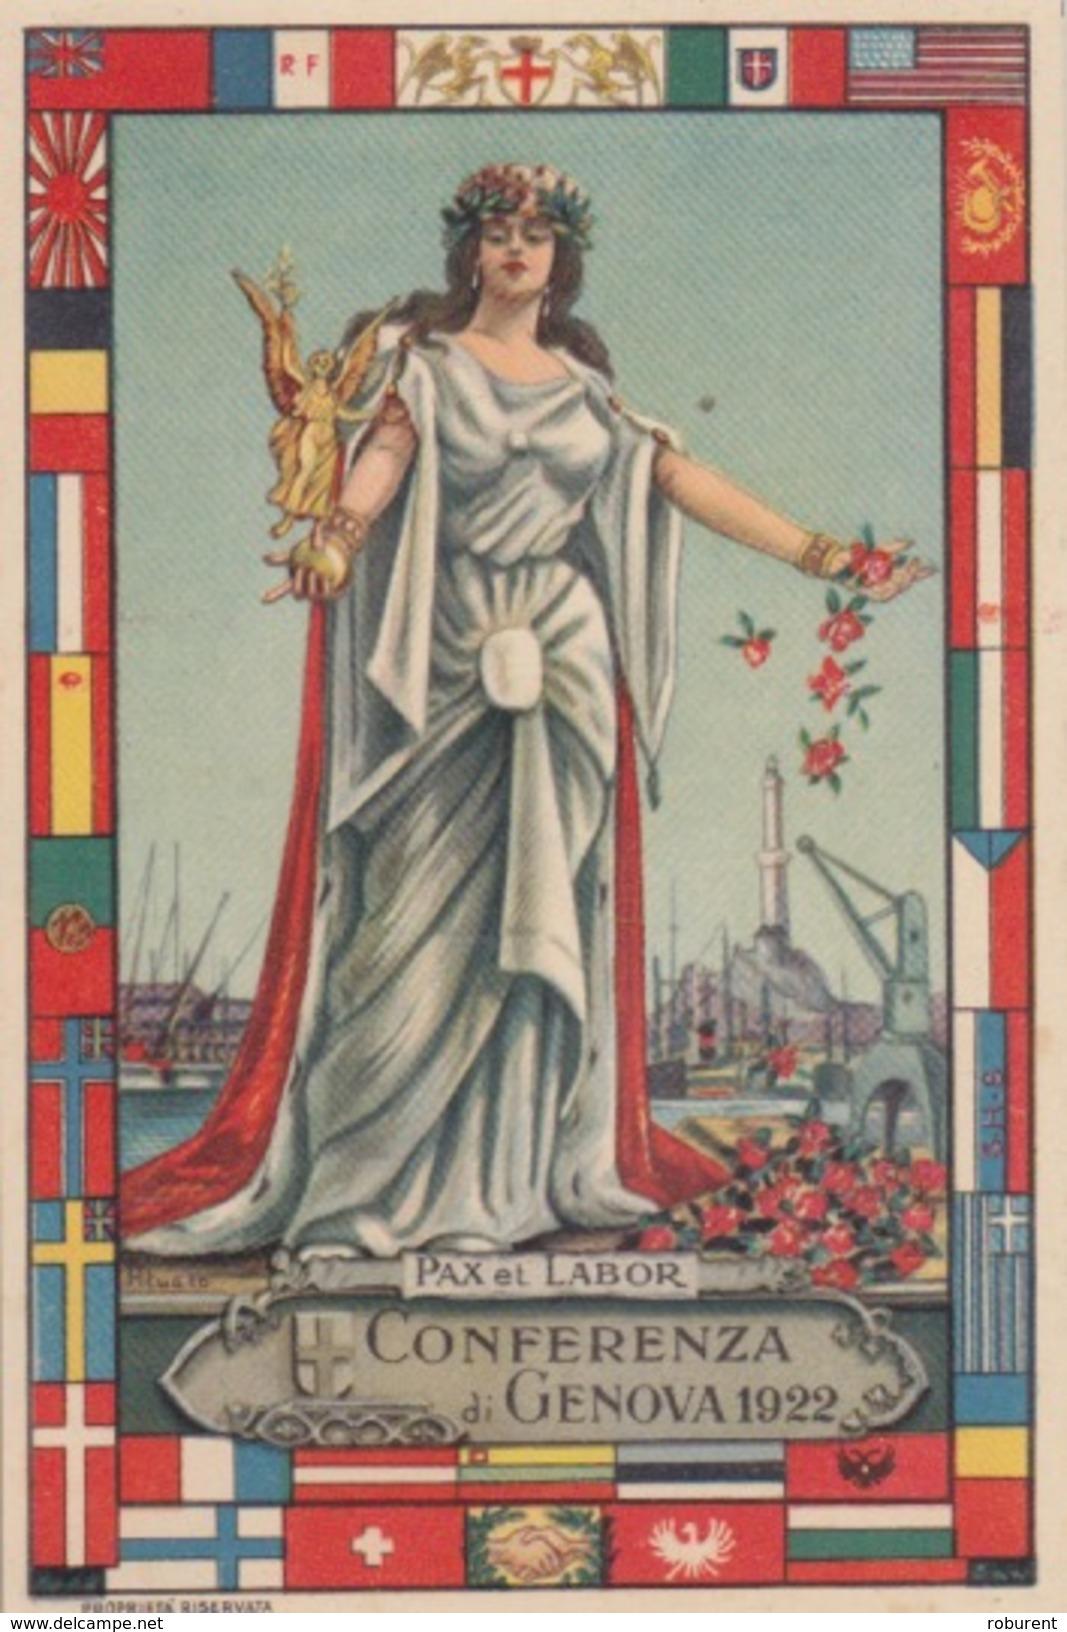 """CARTOLINA - PAX ET LABOR - """"CONFERENZA Di Genova 1922"""" - Eventi"""